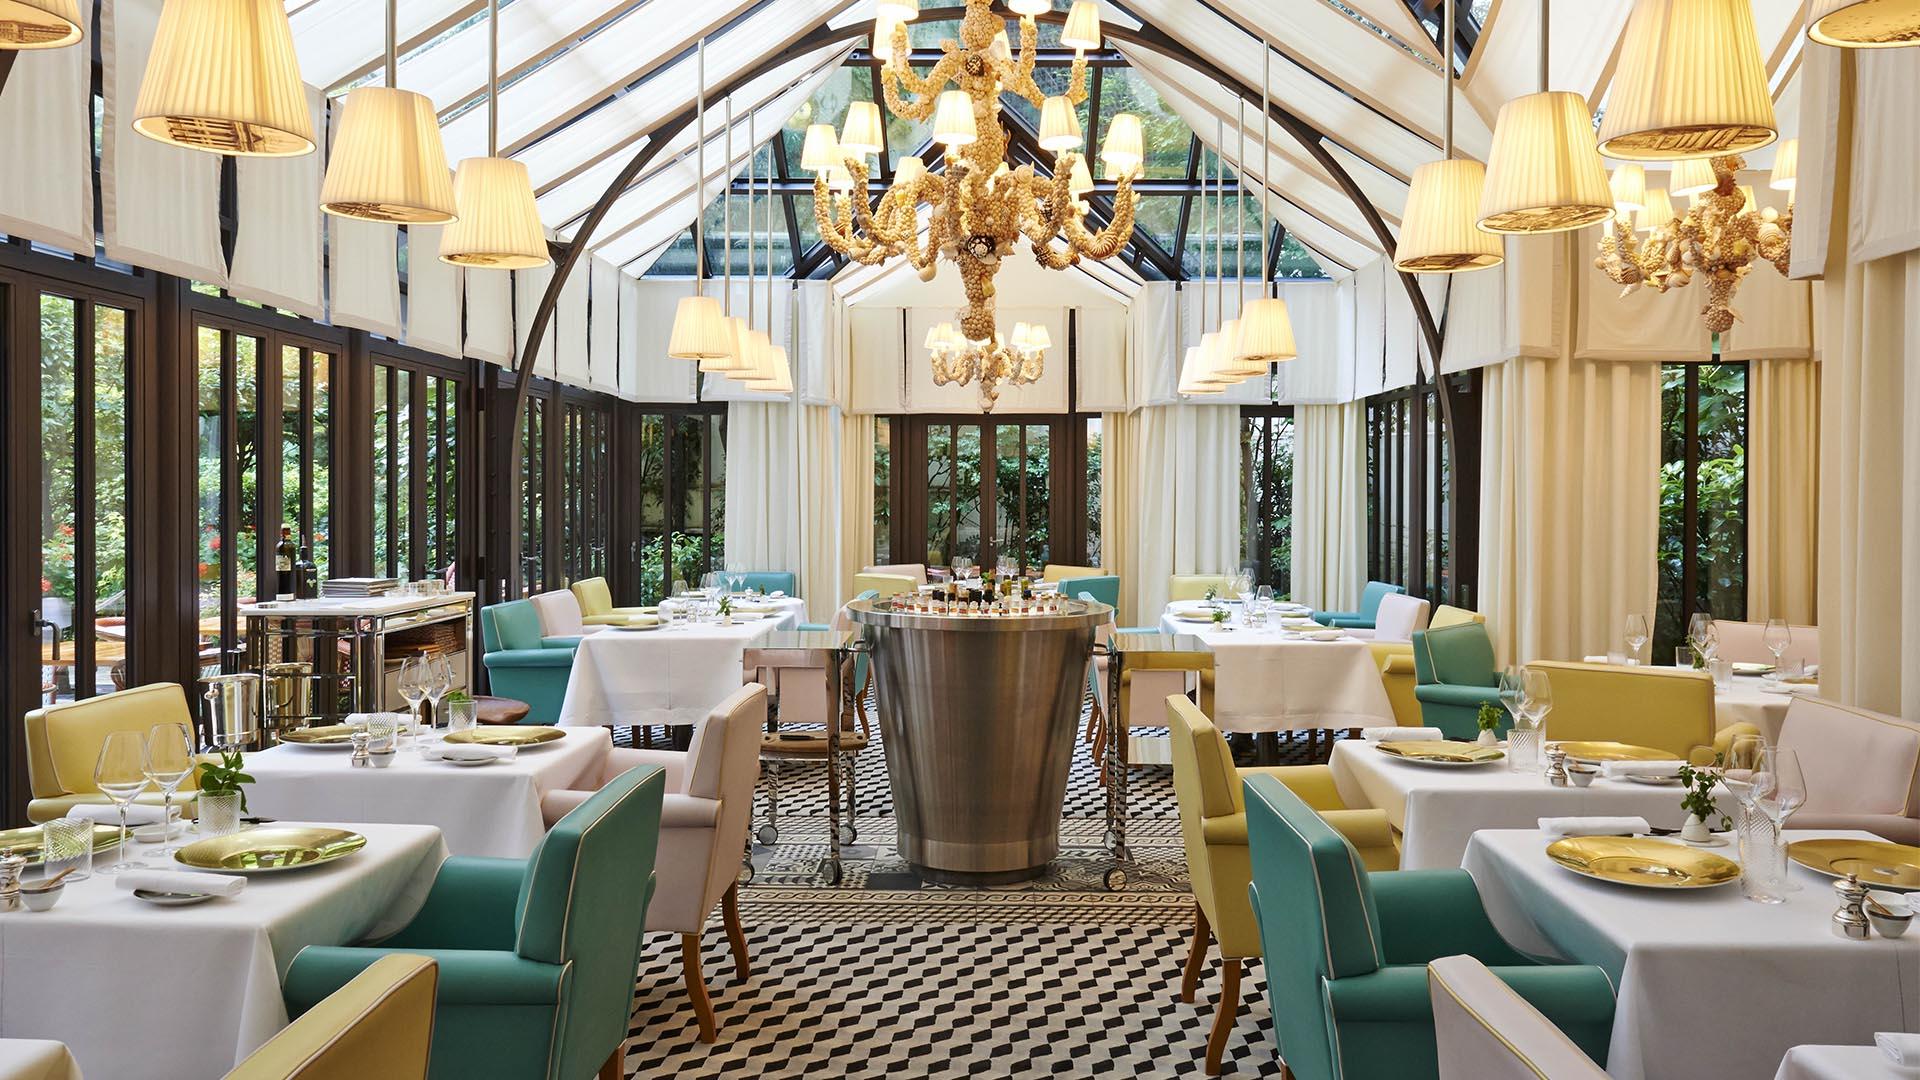 La sala del ristorante Il Carpaccio a Parigi